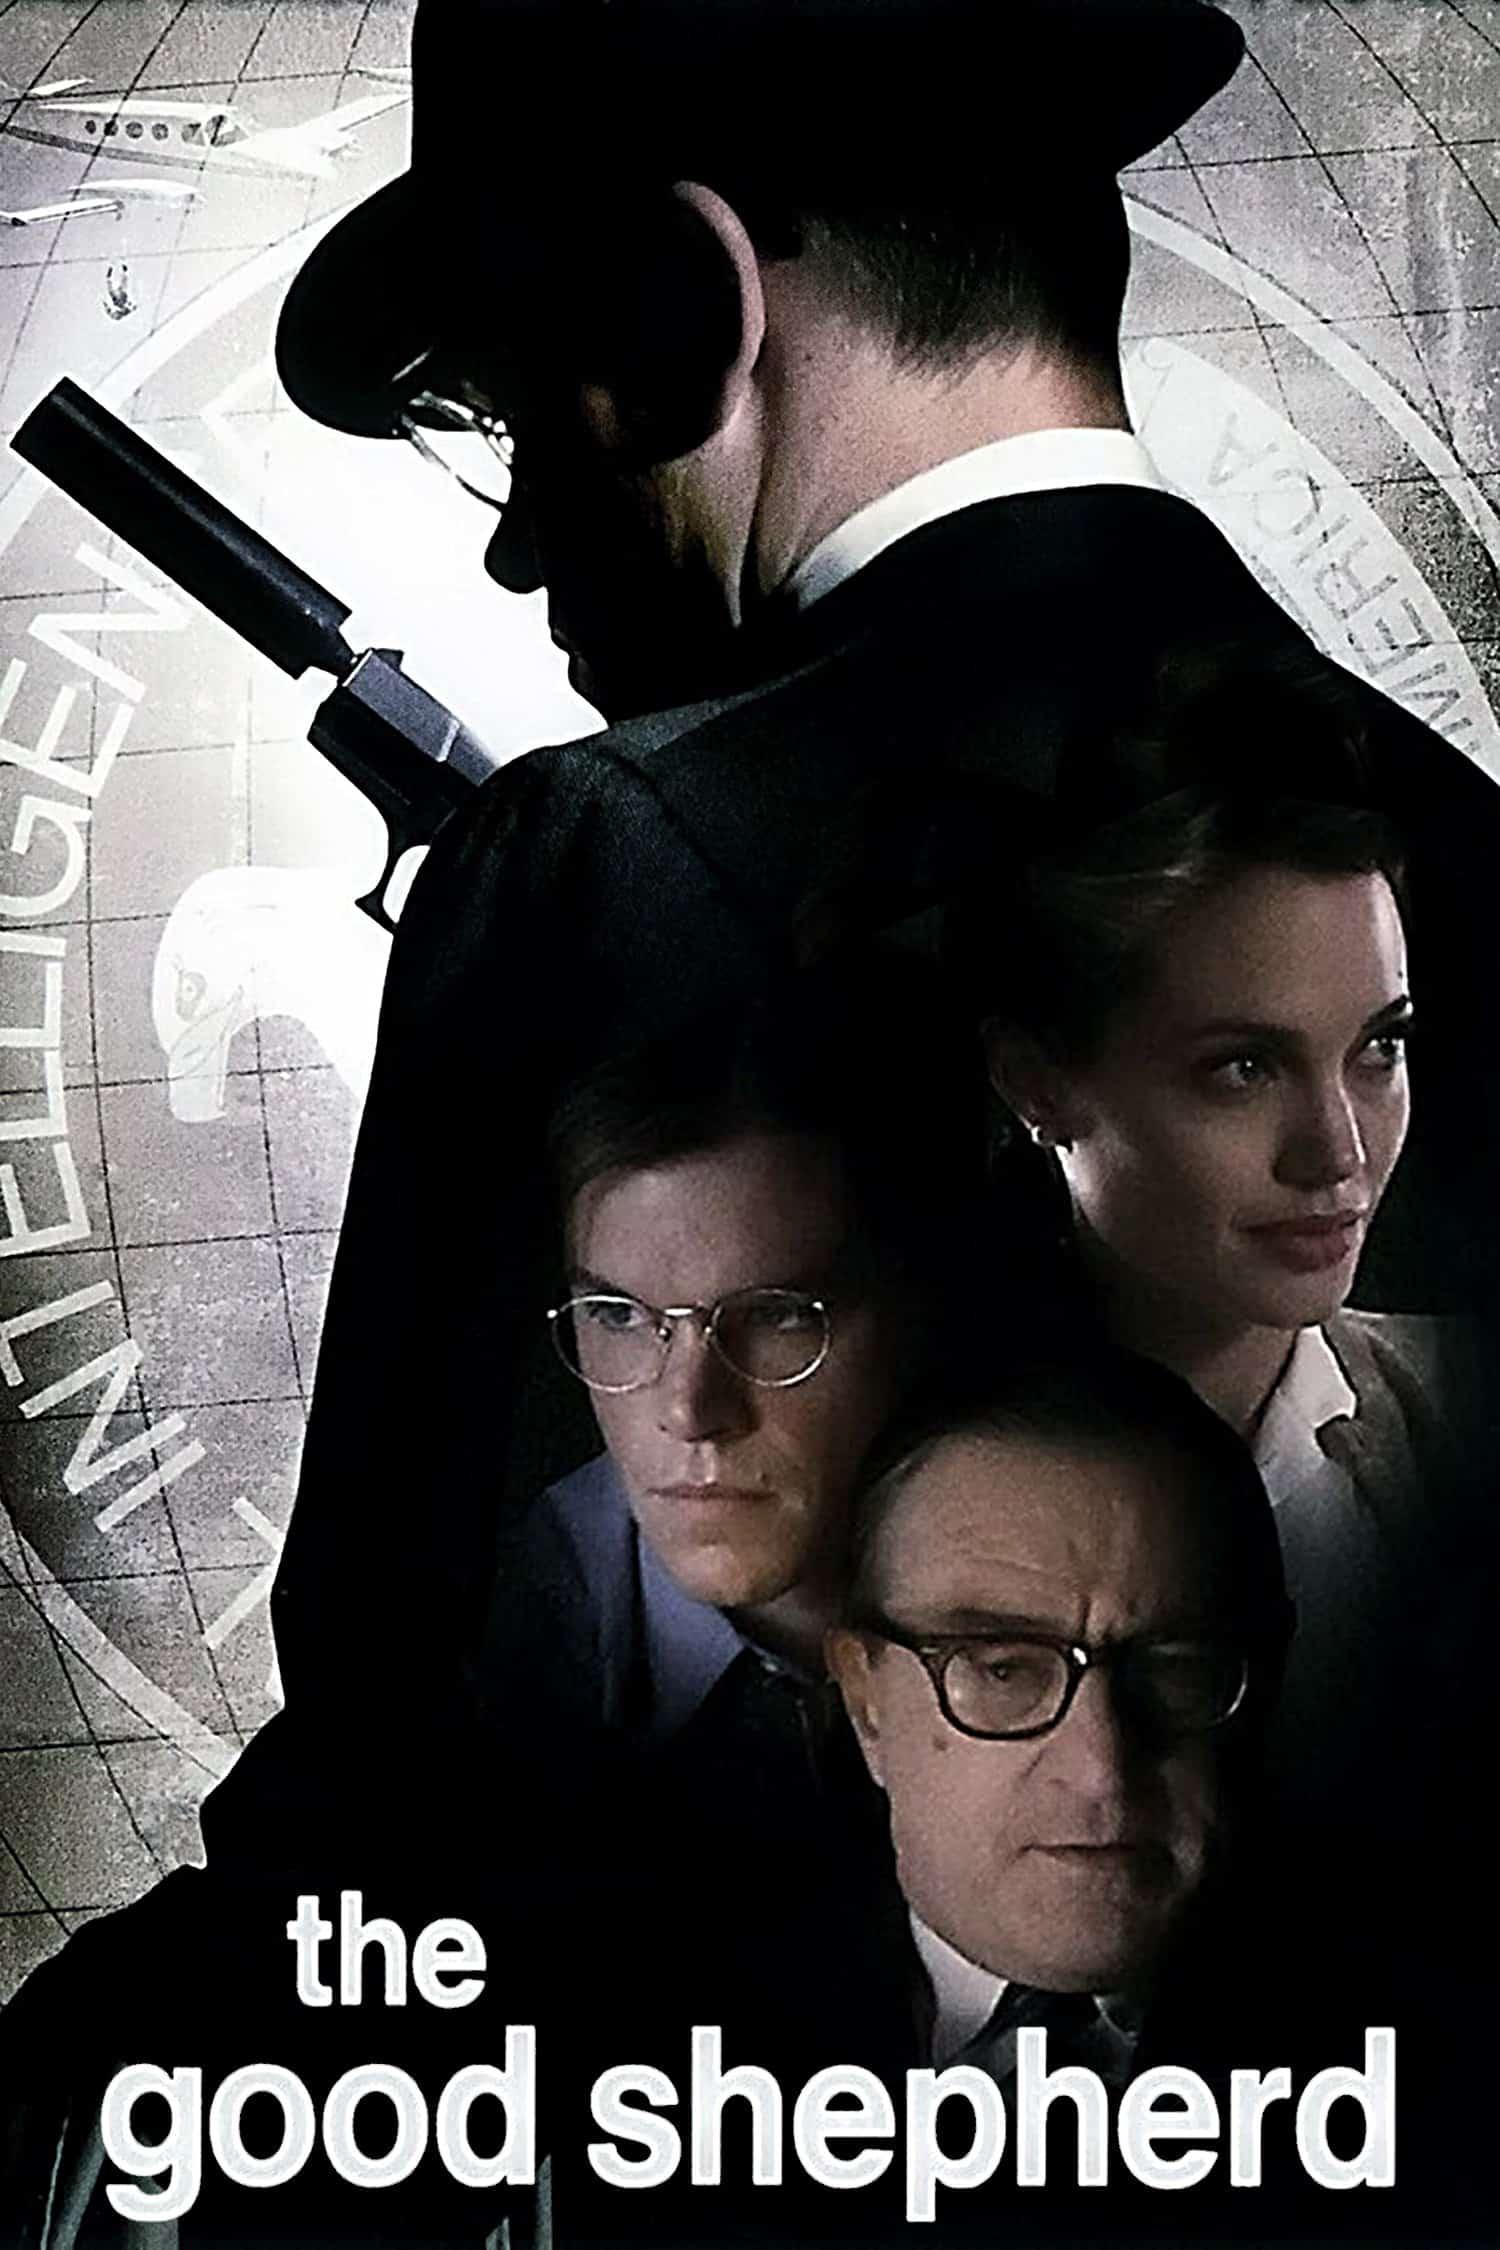 The Good Shepherd, 2006